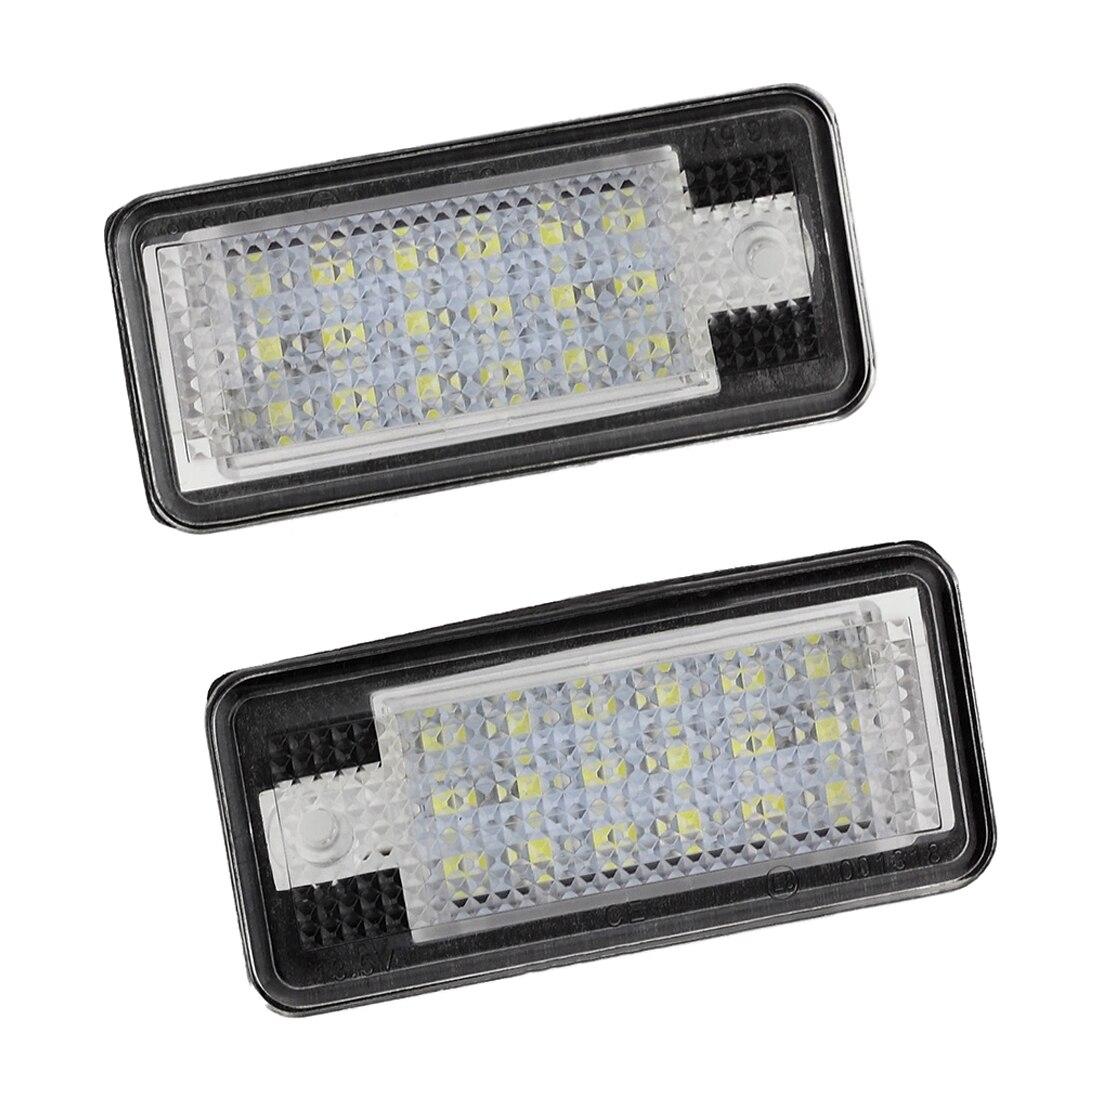 2x18 Número de Licença LED Placa Lâmpada Luz Para Audi A3 S3 A4 S4 B6 A6 S6 A8 S8 Q7